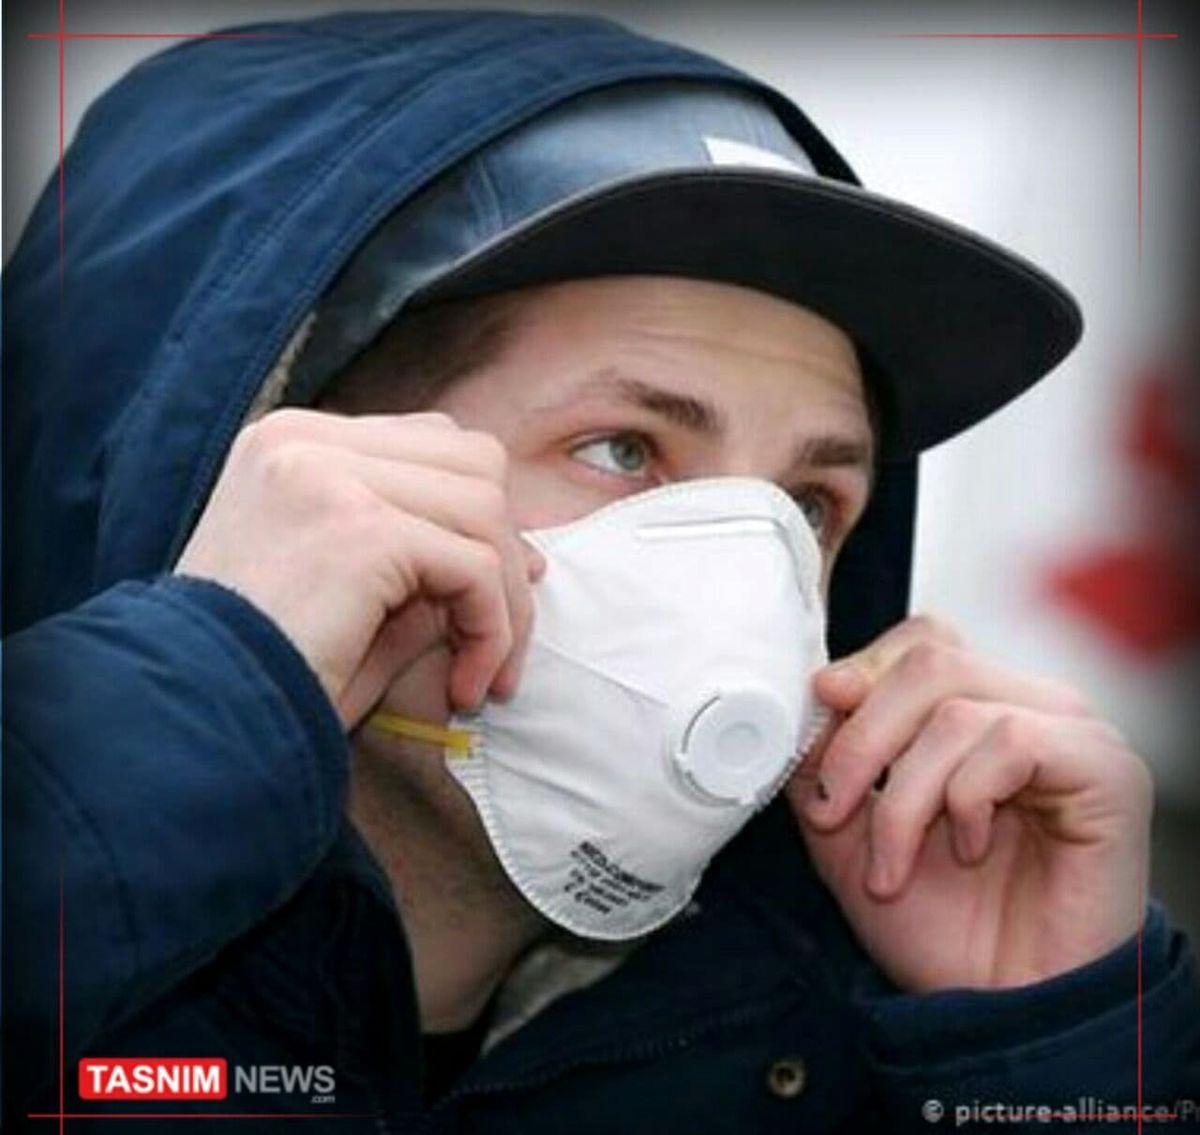 برای پیشگیری از کرونا دو ماسک بزنیم یا نزنیم؟